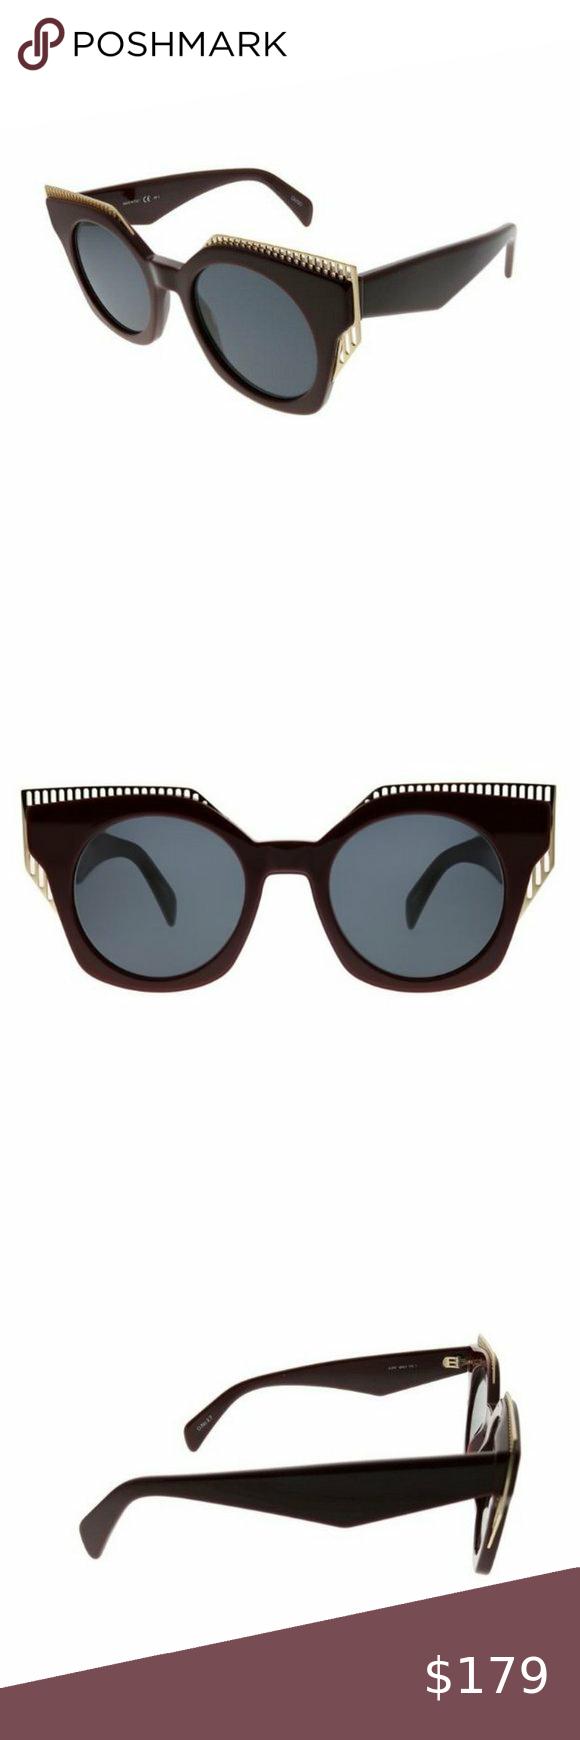 Oxydo O No 2 7 Au2 Ir 48 Sunglasses Sunglasses Sunglasses Accessories Burgundy Branding